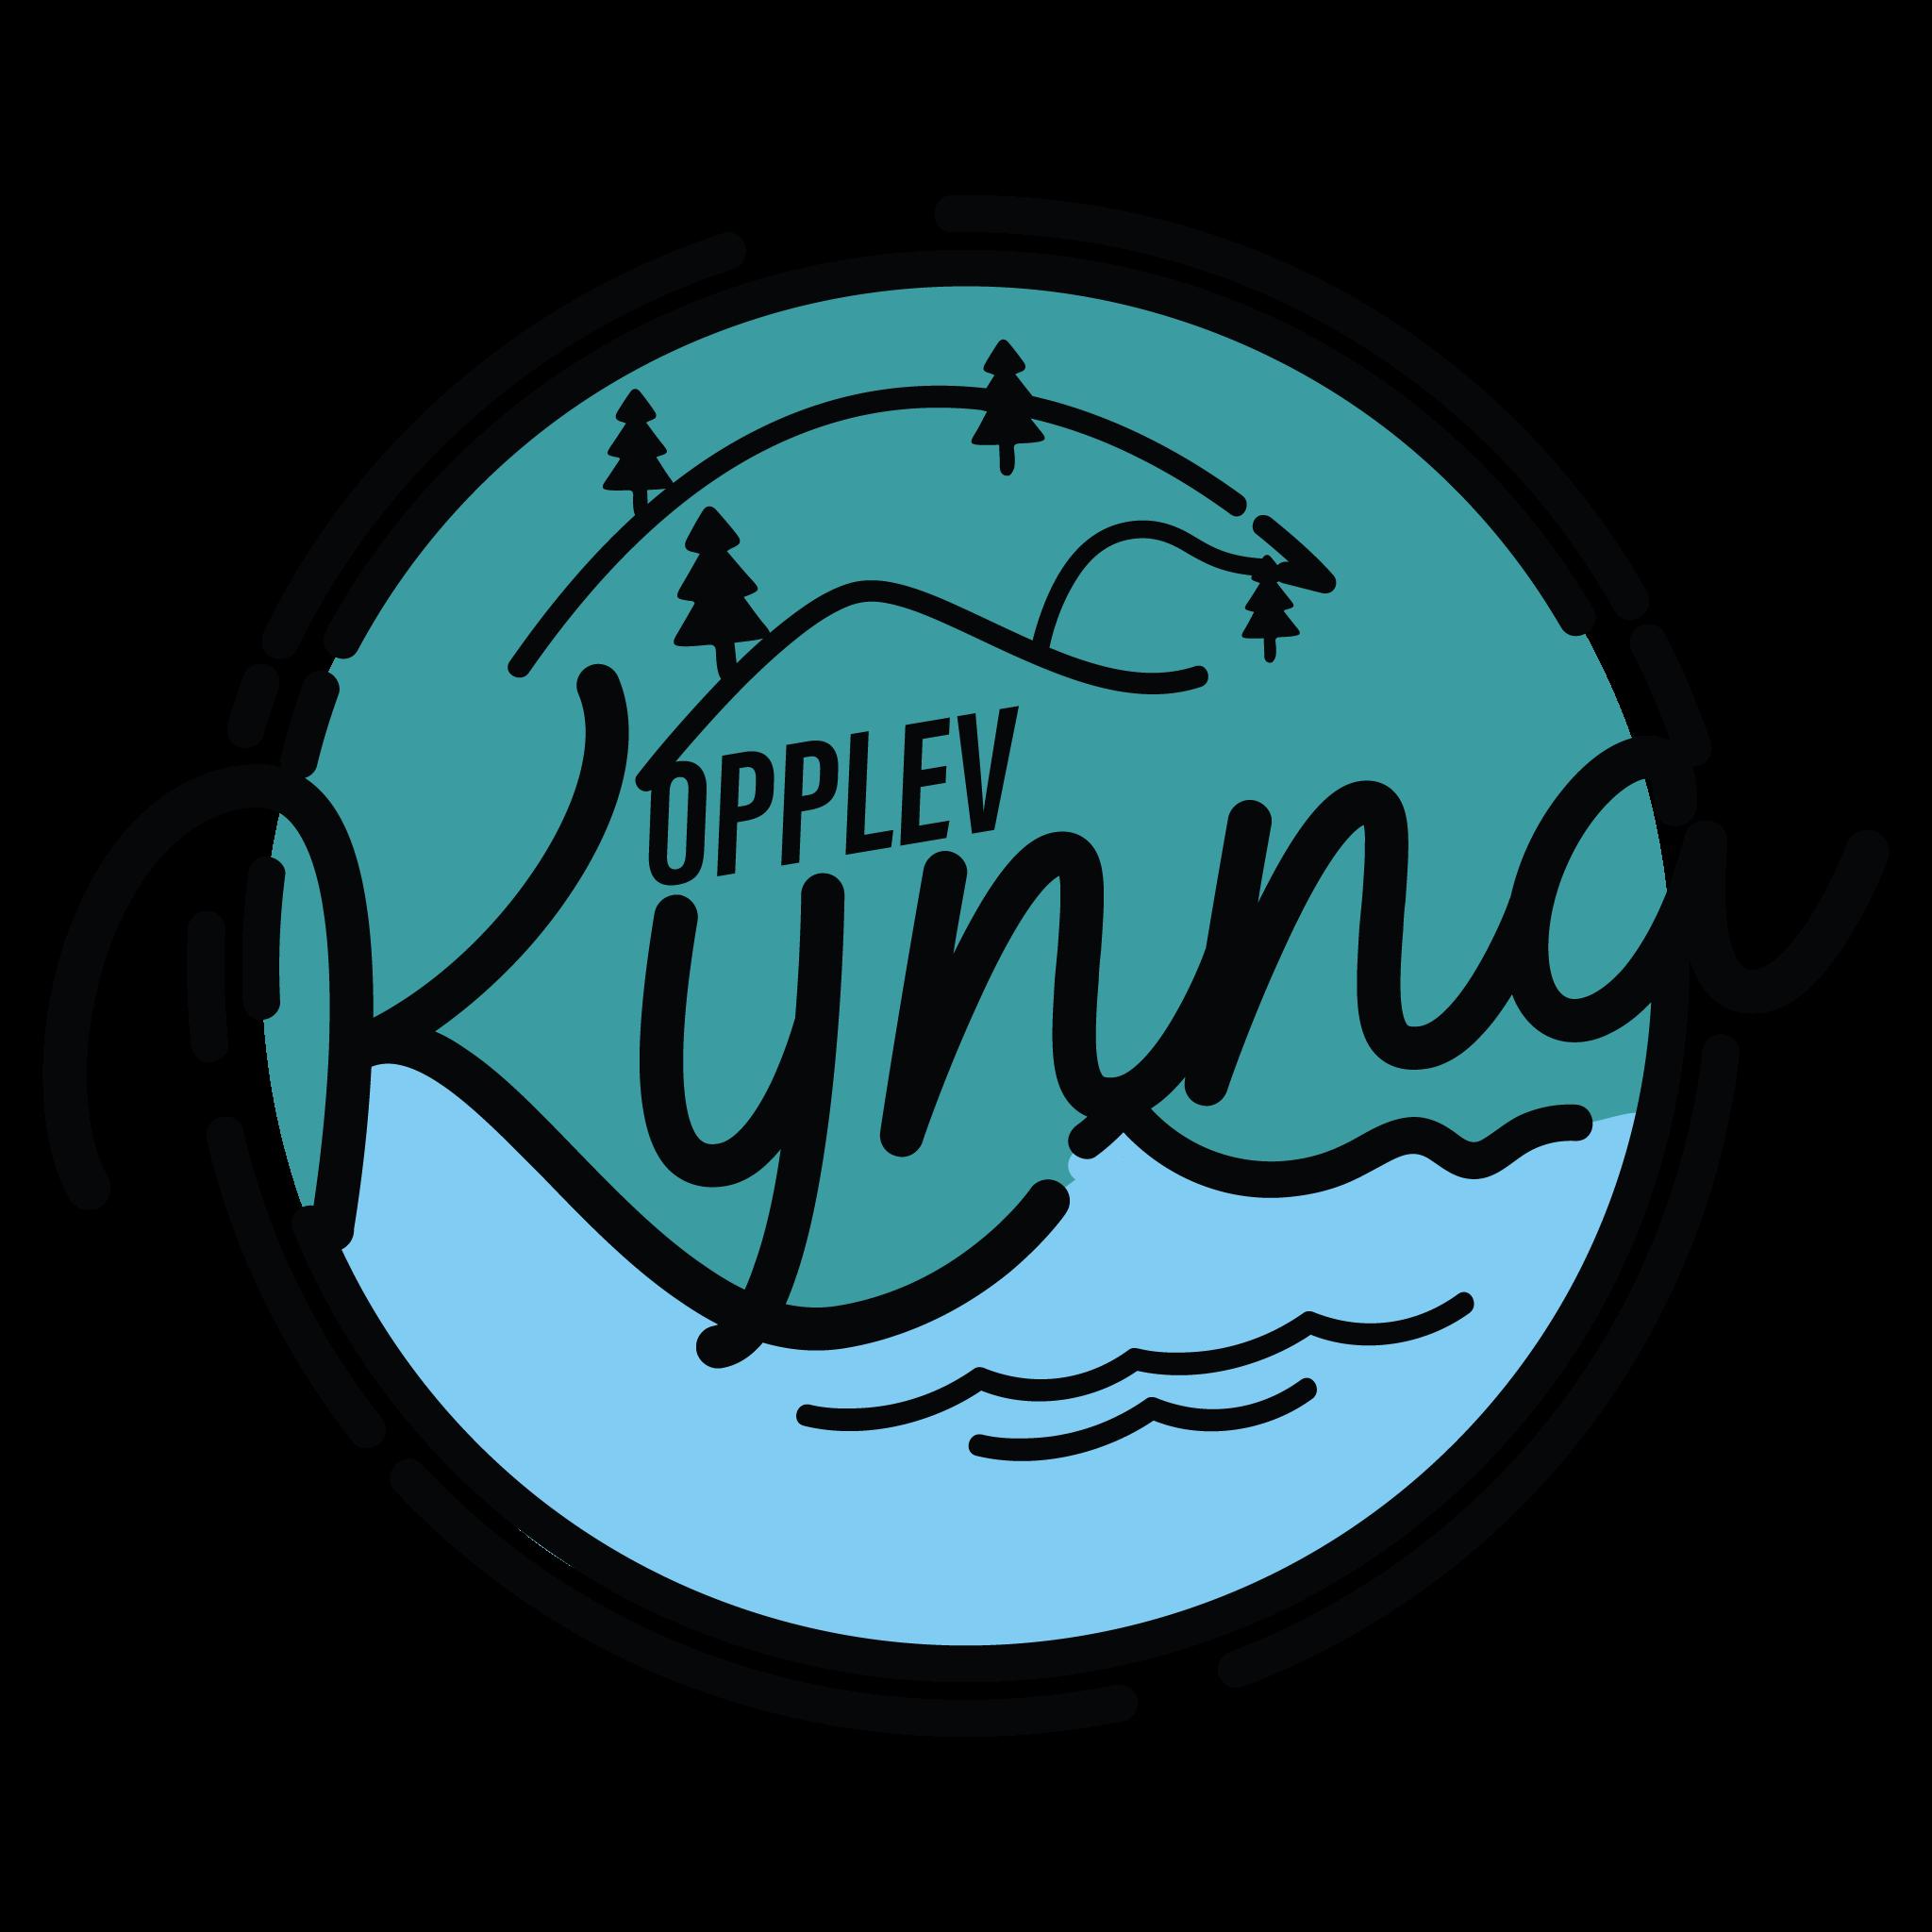 Logo for Opplev Kynna